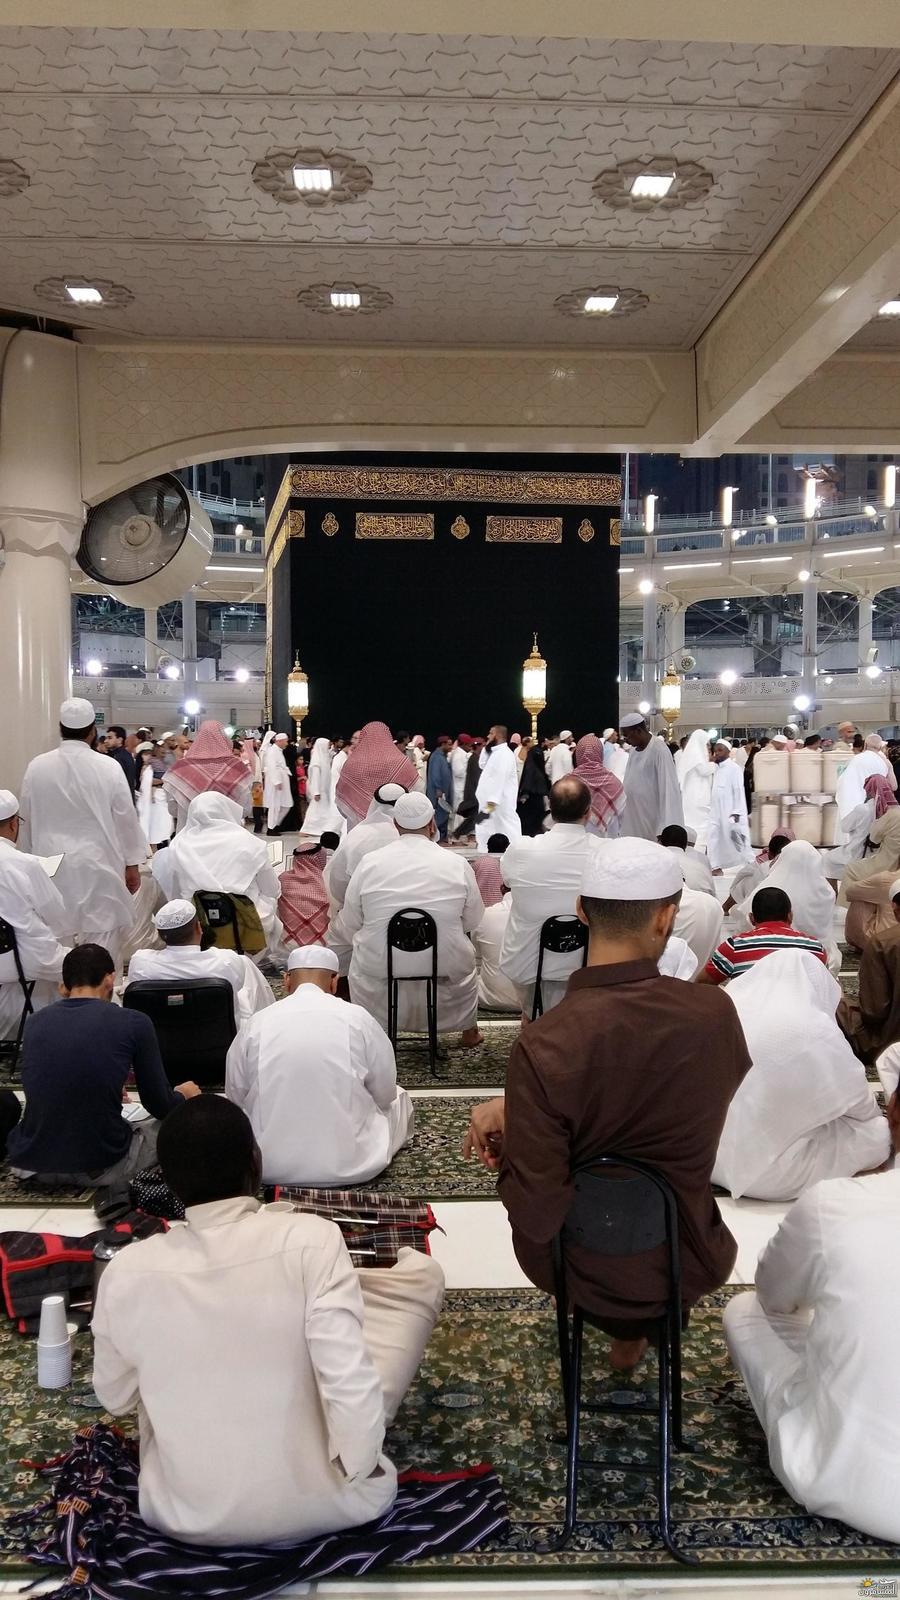 655119 المسافرون العرب نبذة عن الميقات